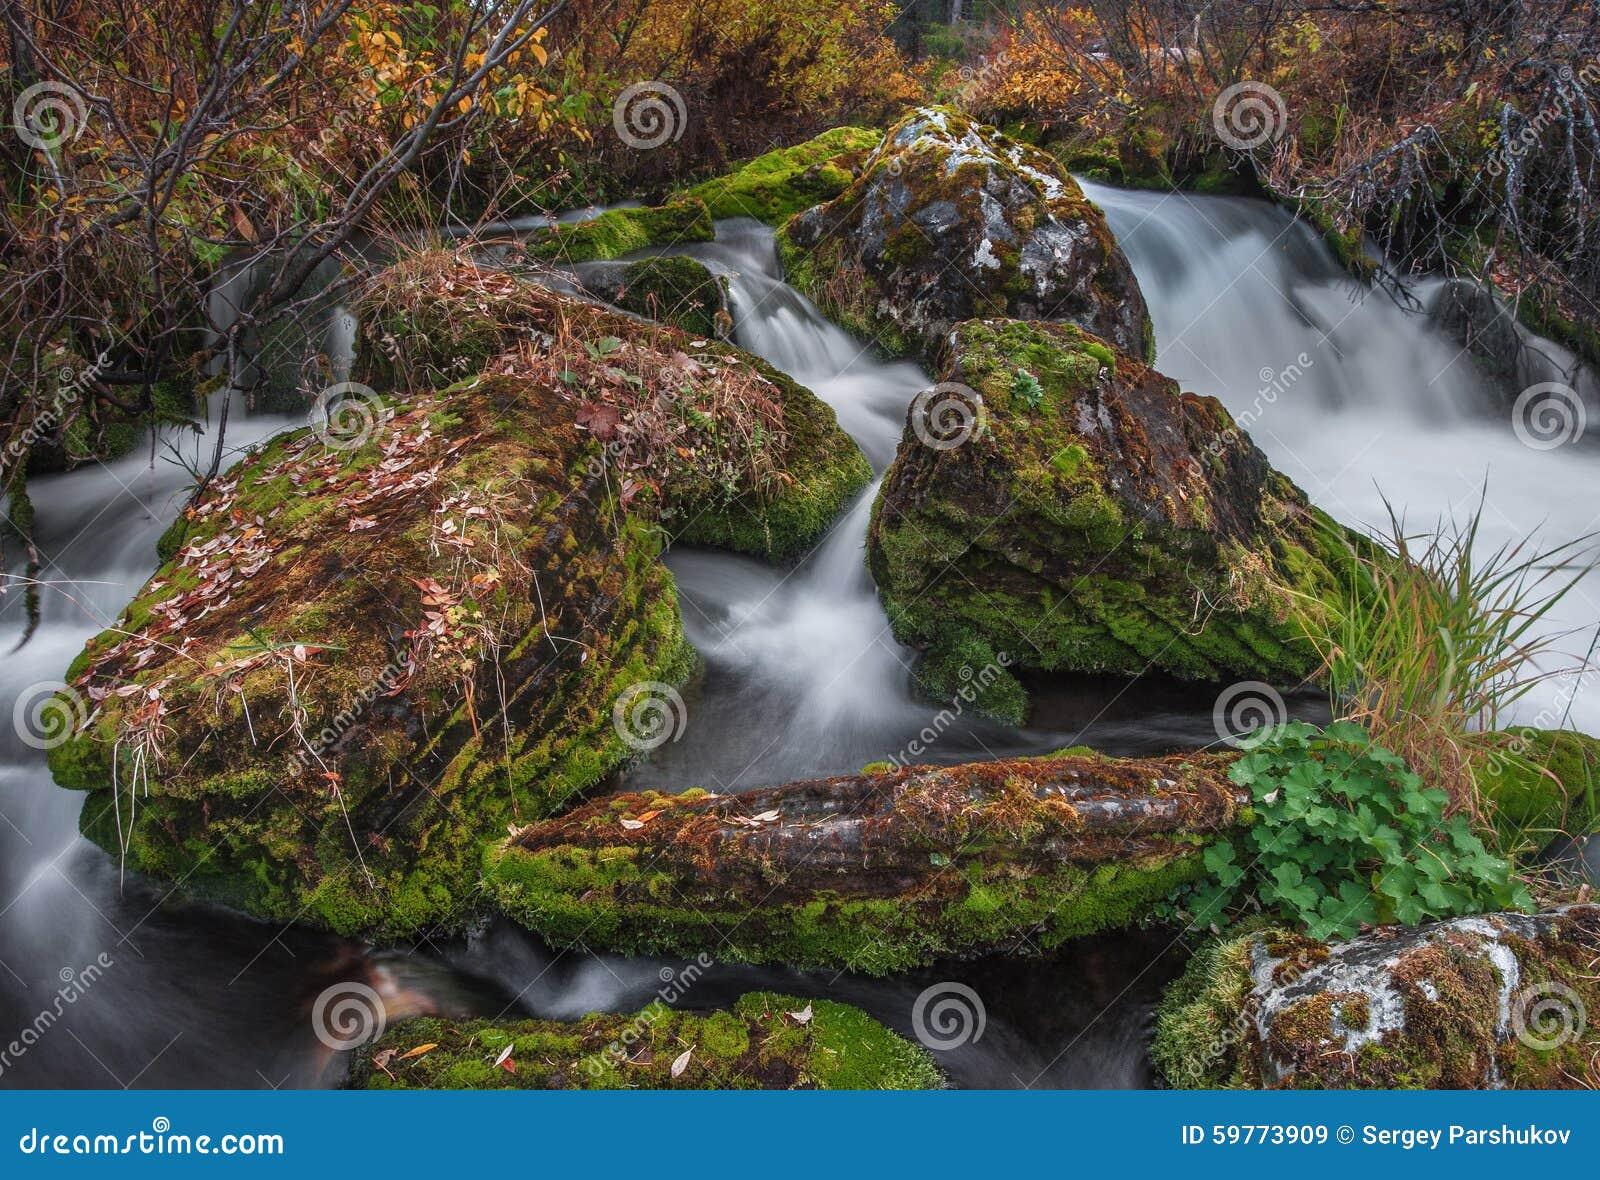 Corriente rápida y hojas caidas en las rocas